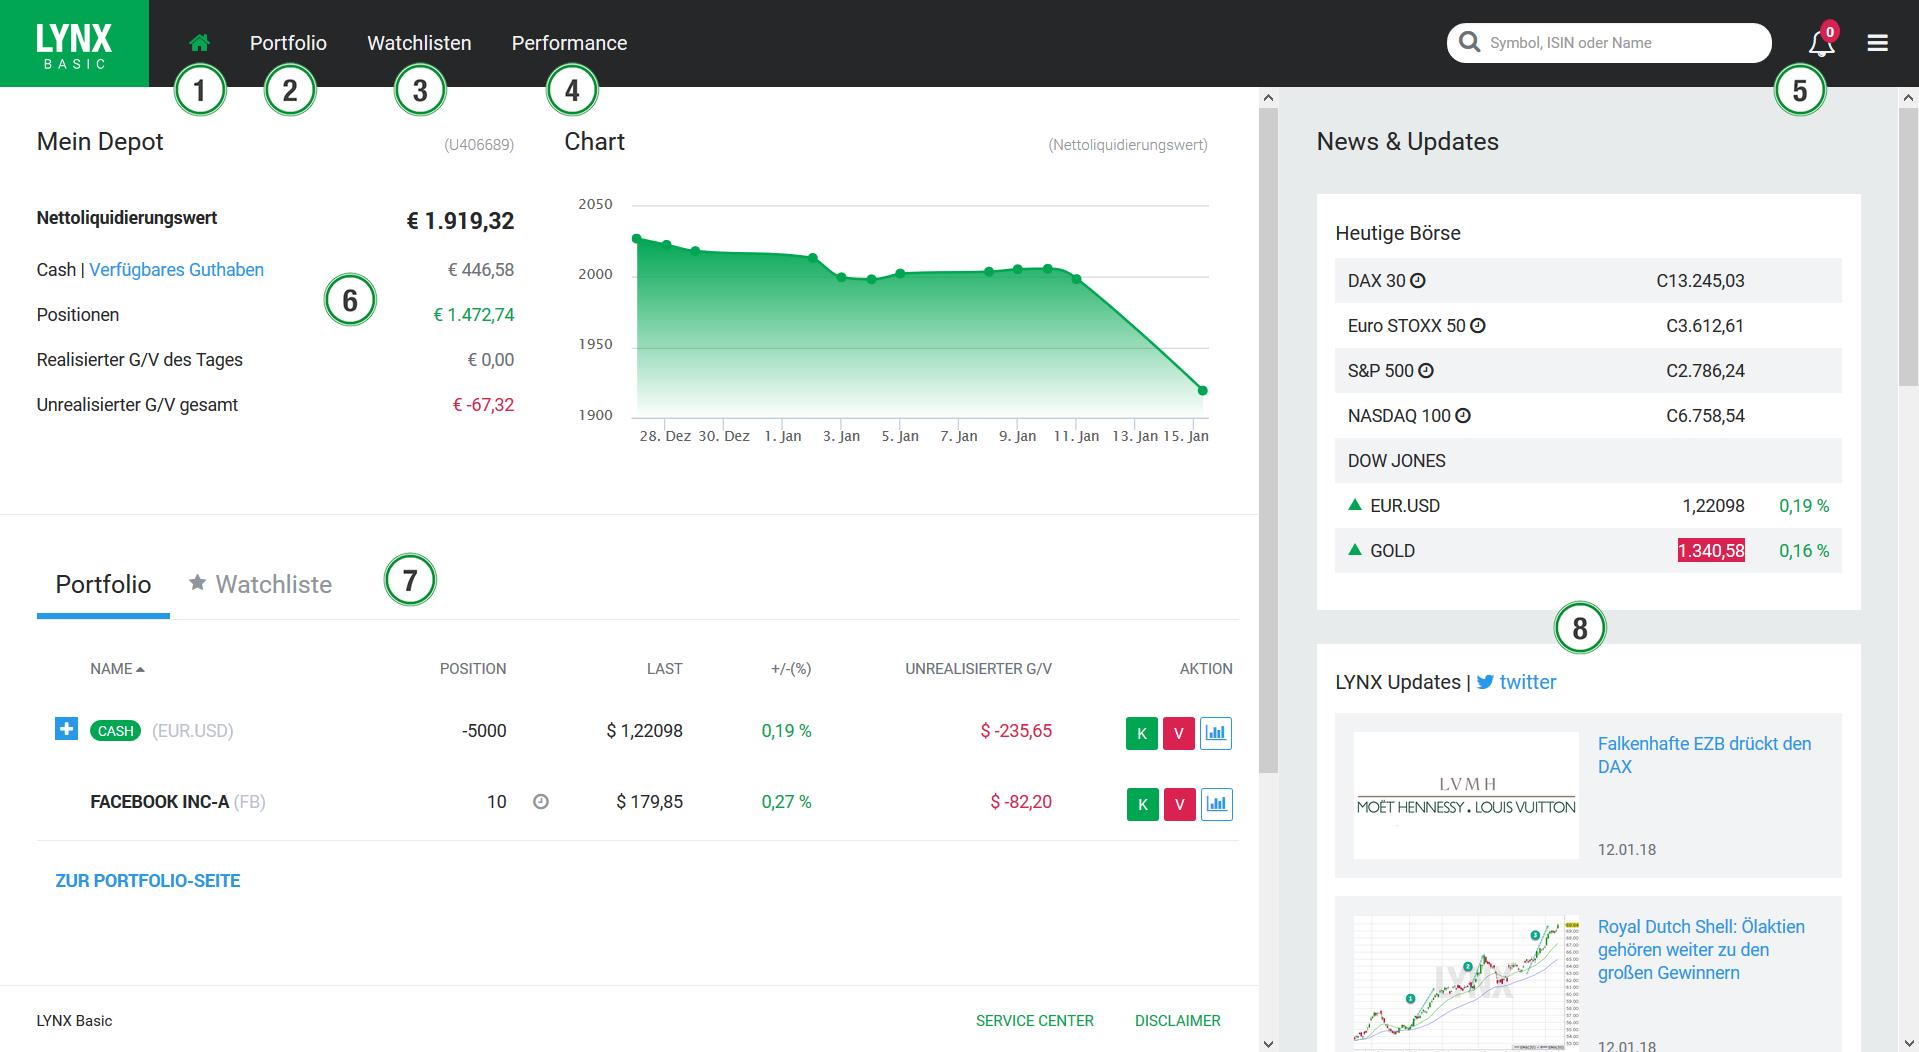 LYNX Webtrader